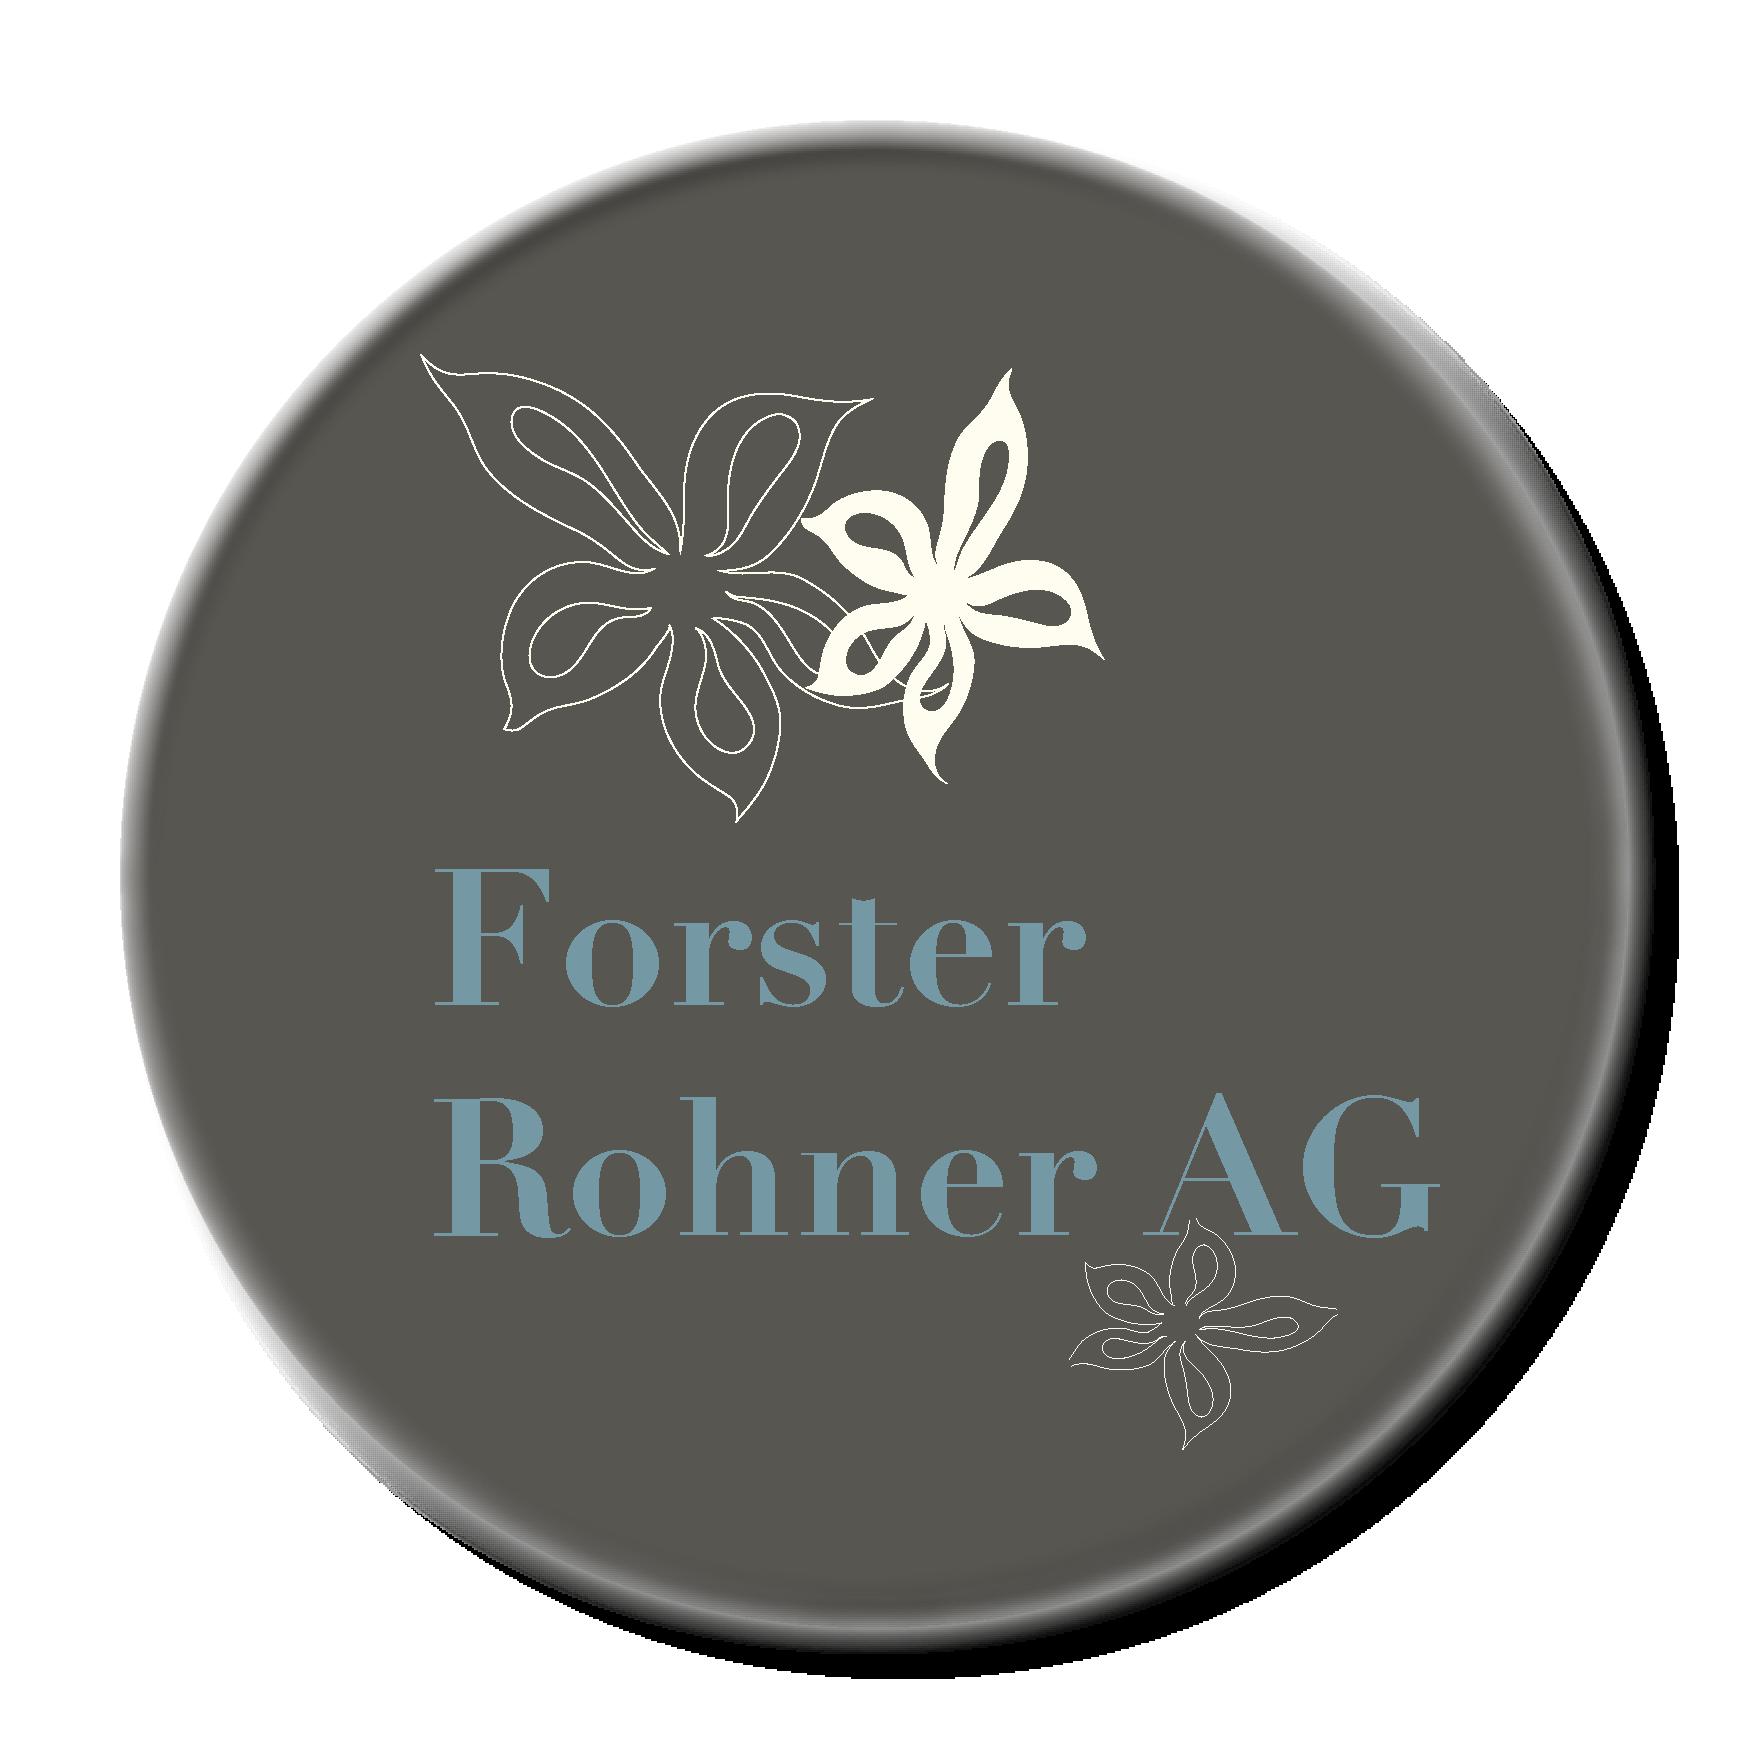 Forster Rohner AG Stoffe